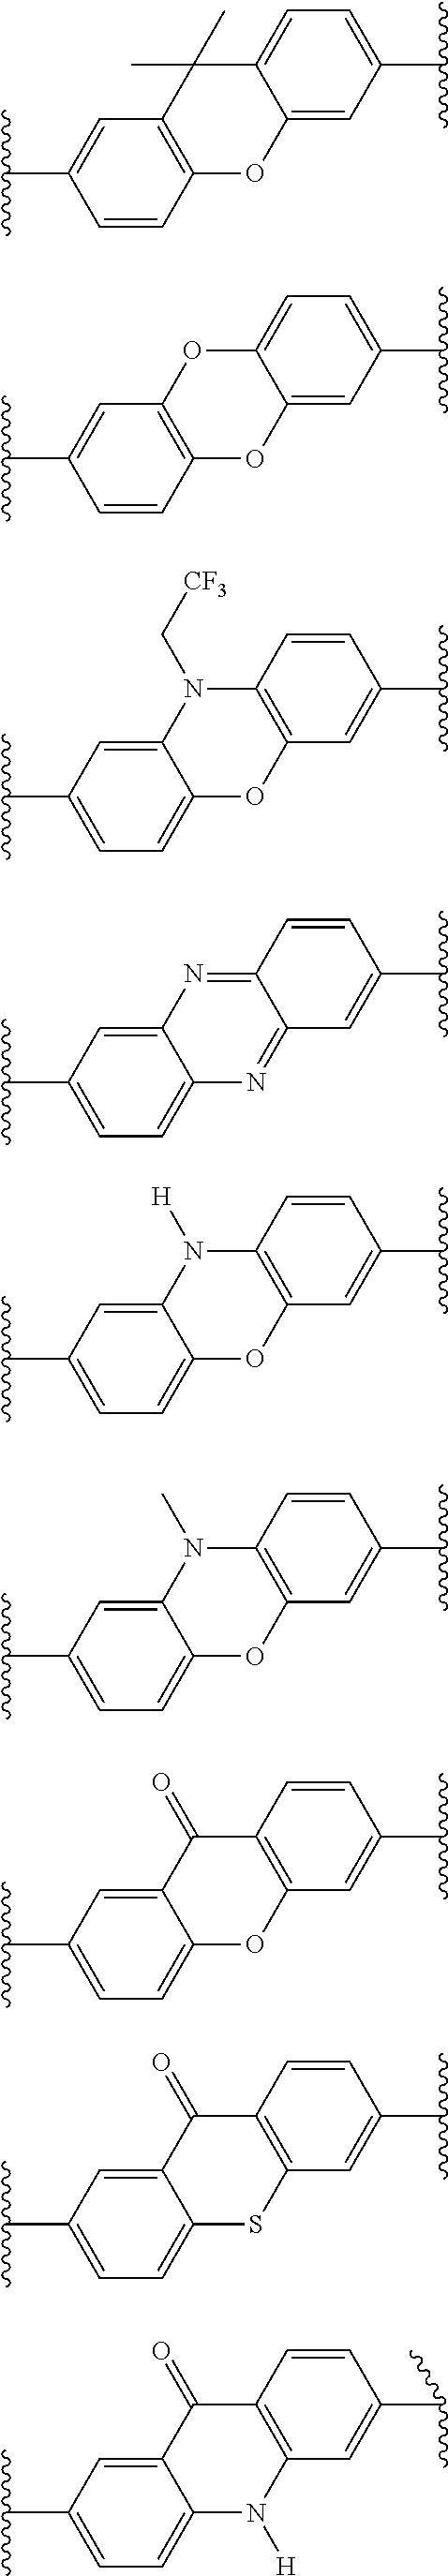 Figure US08841278-20140923-C00110